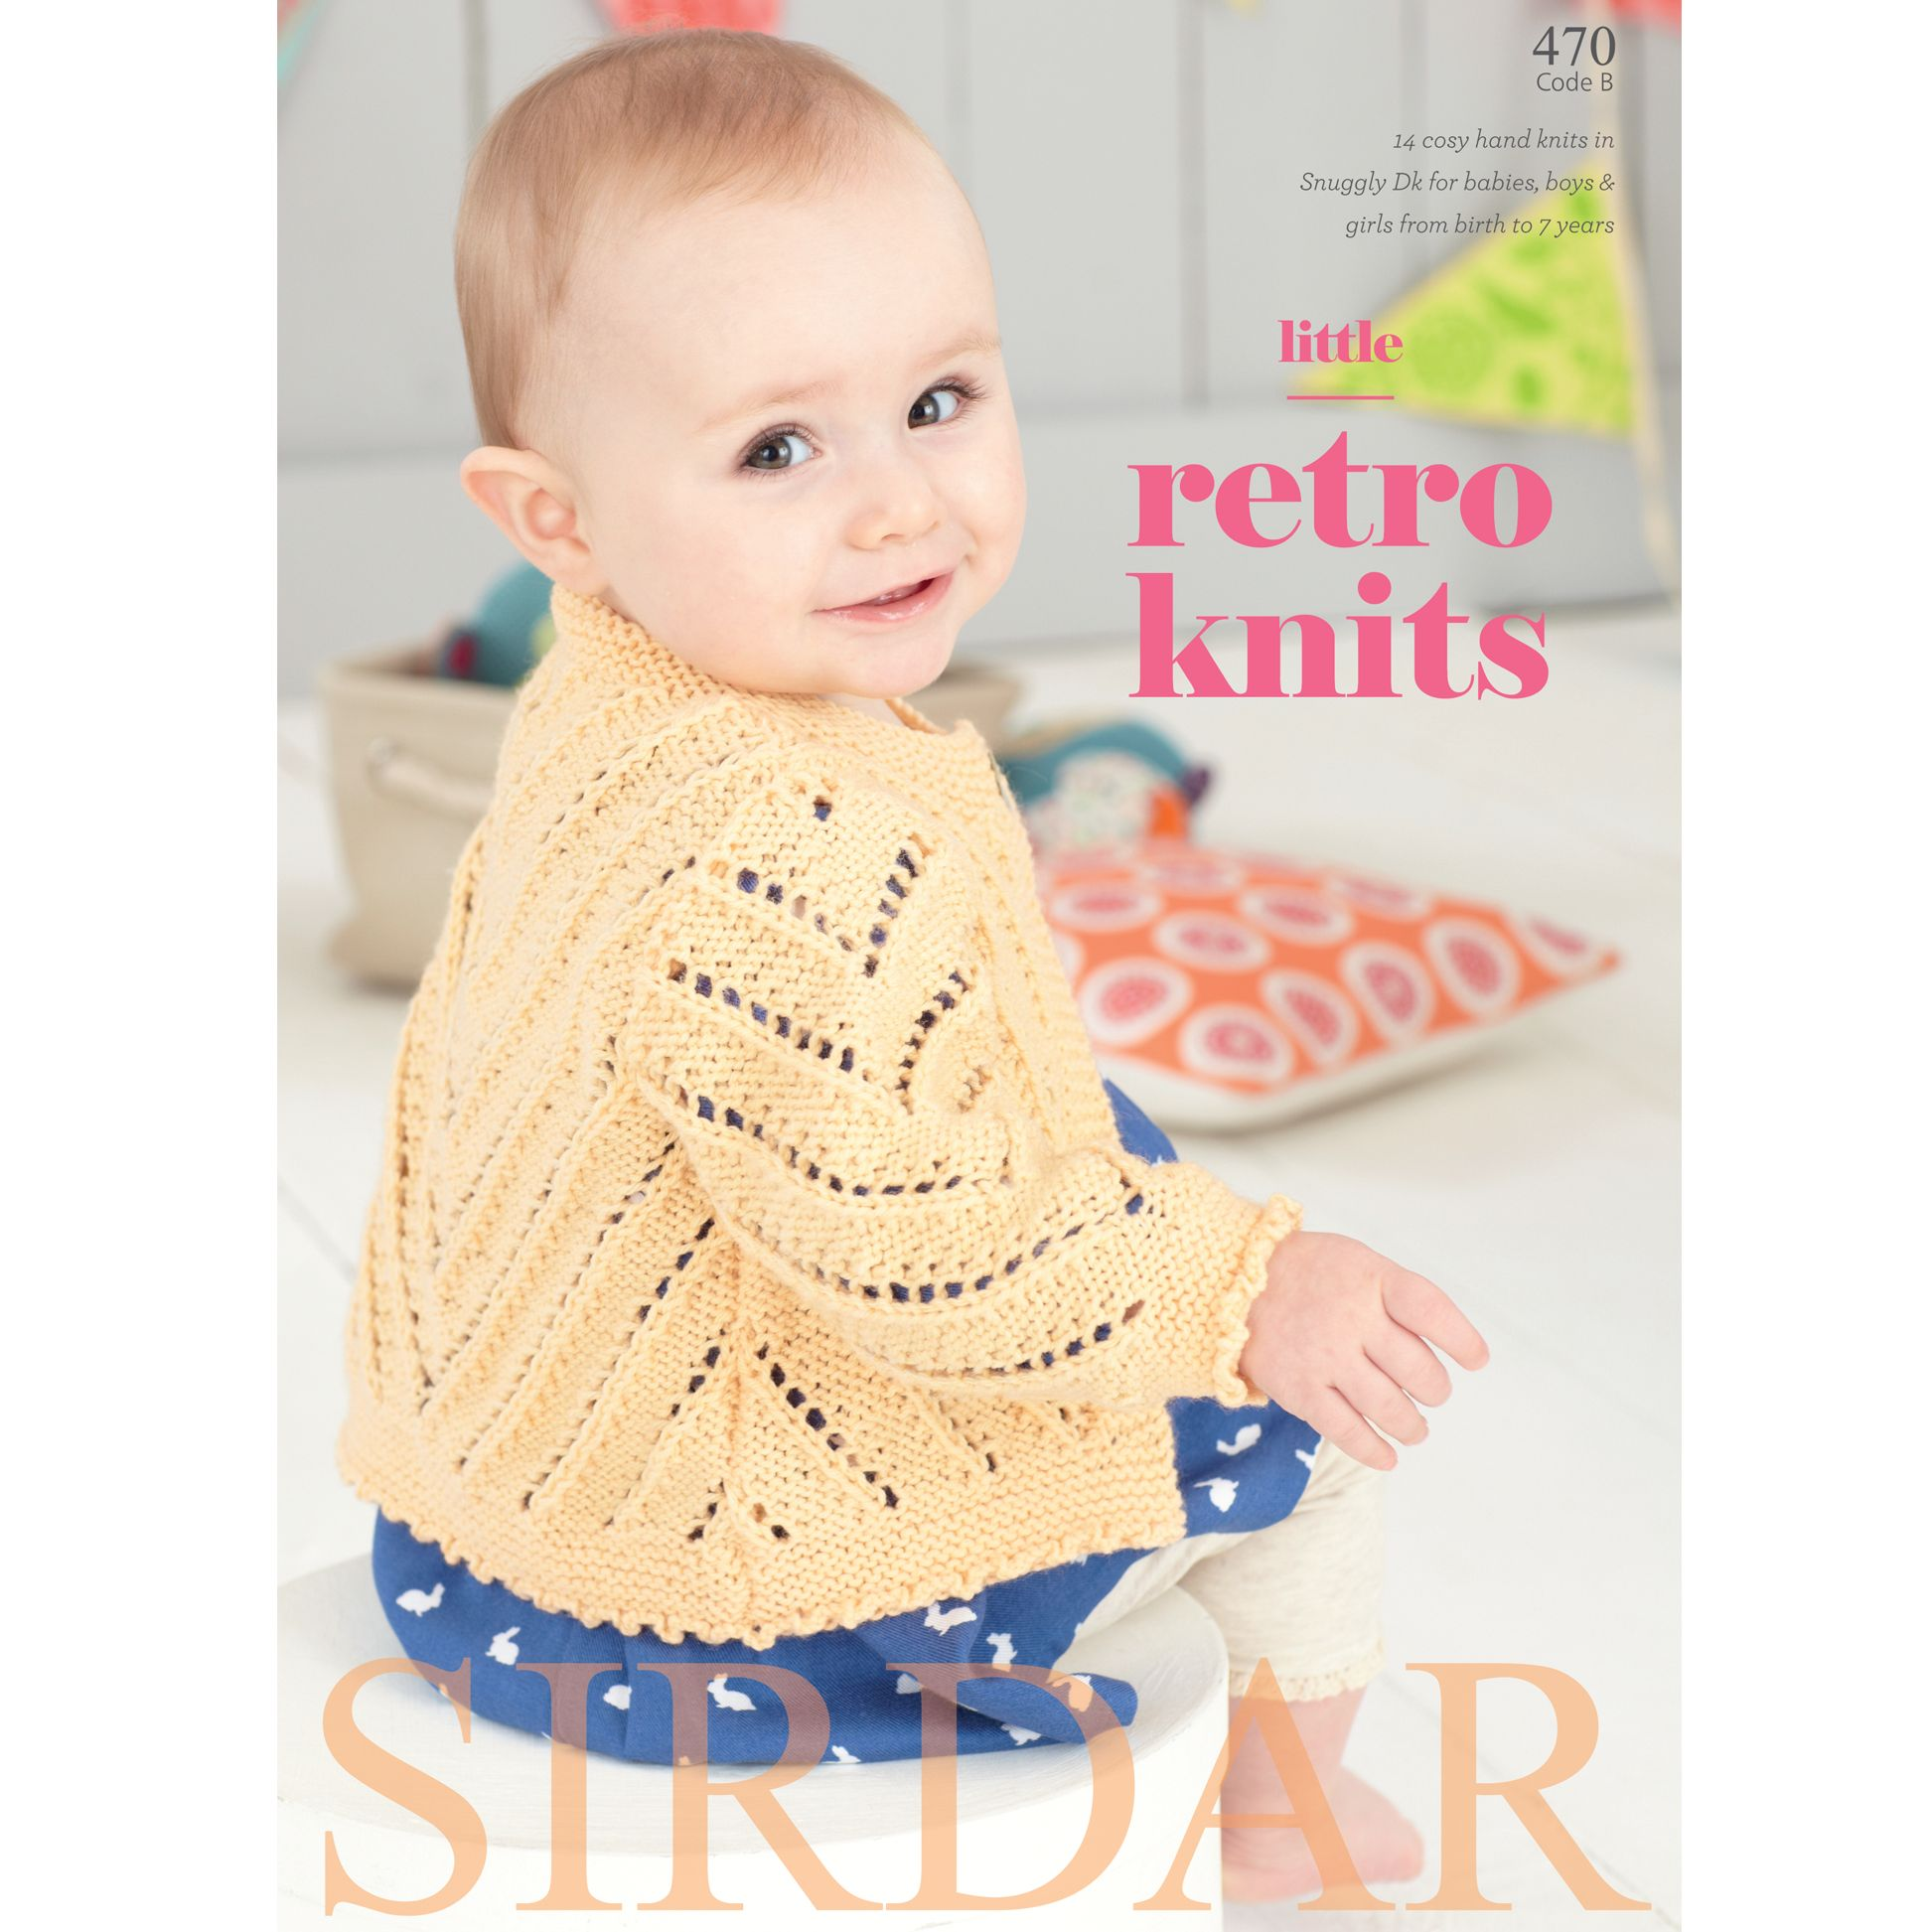 Buy Sirdar Little Retro Knits Knitting Patterns, 470 John Lewis